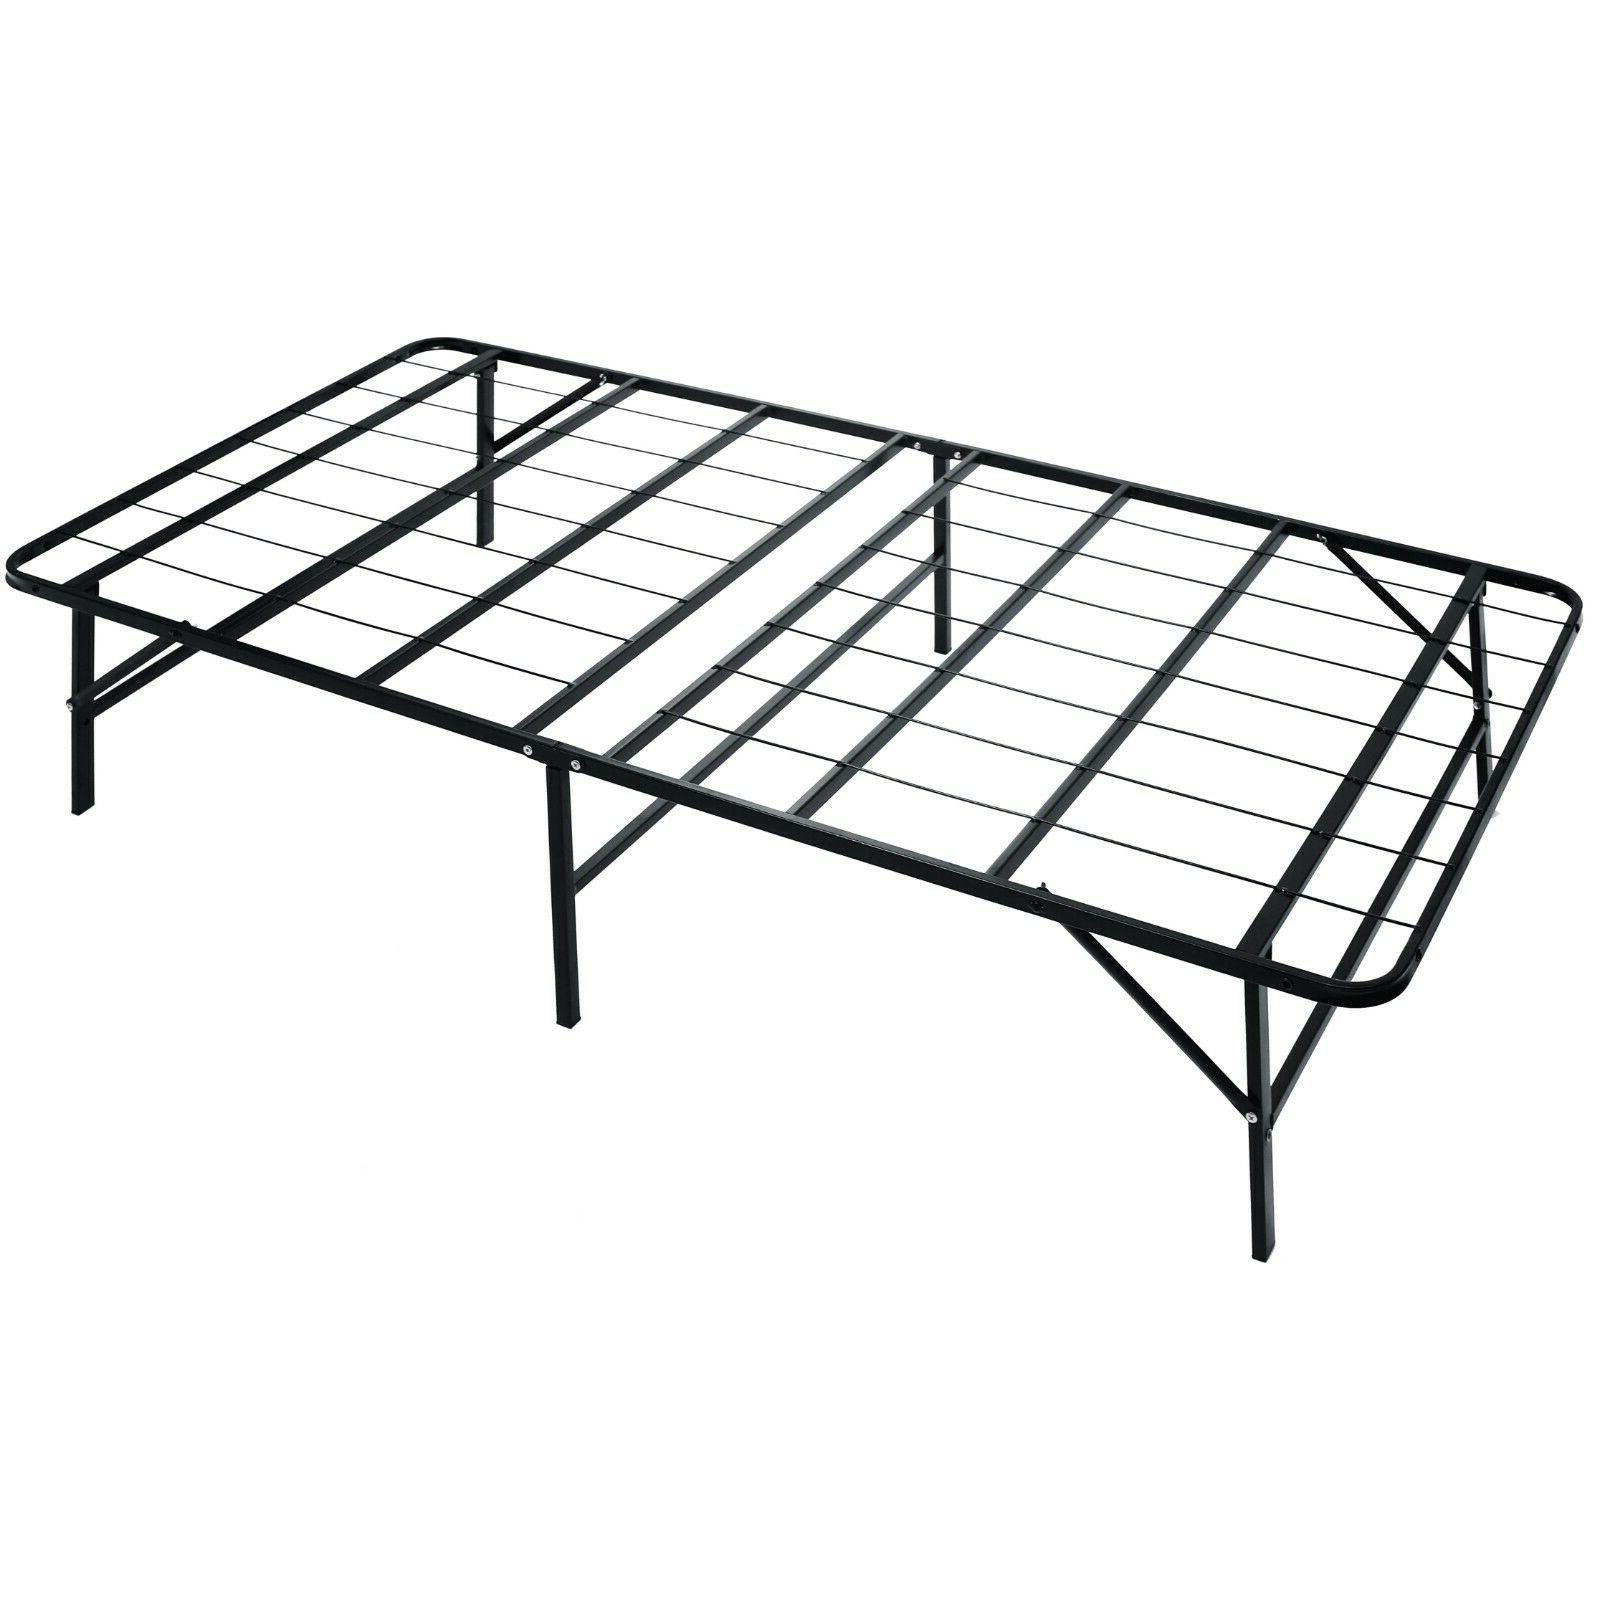 metal platform bed frame box spring replacement